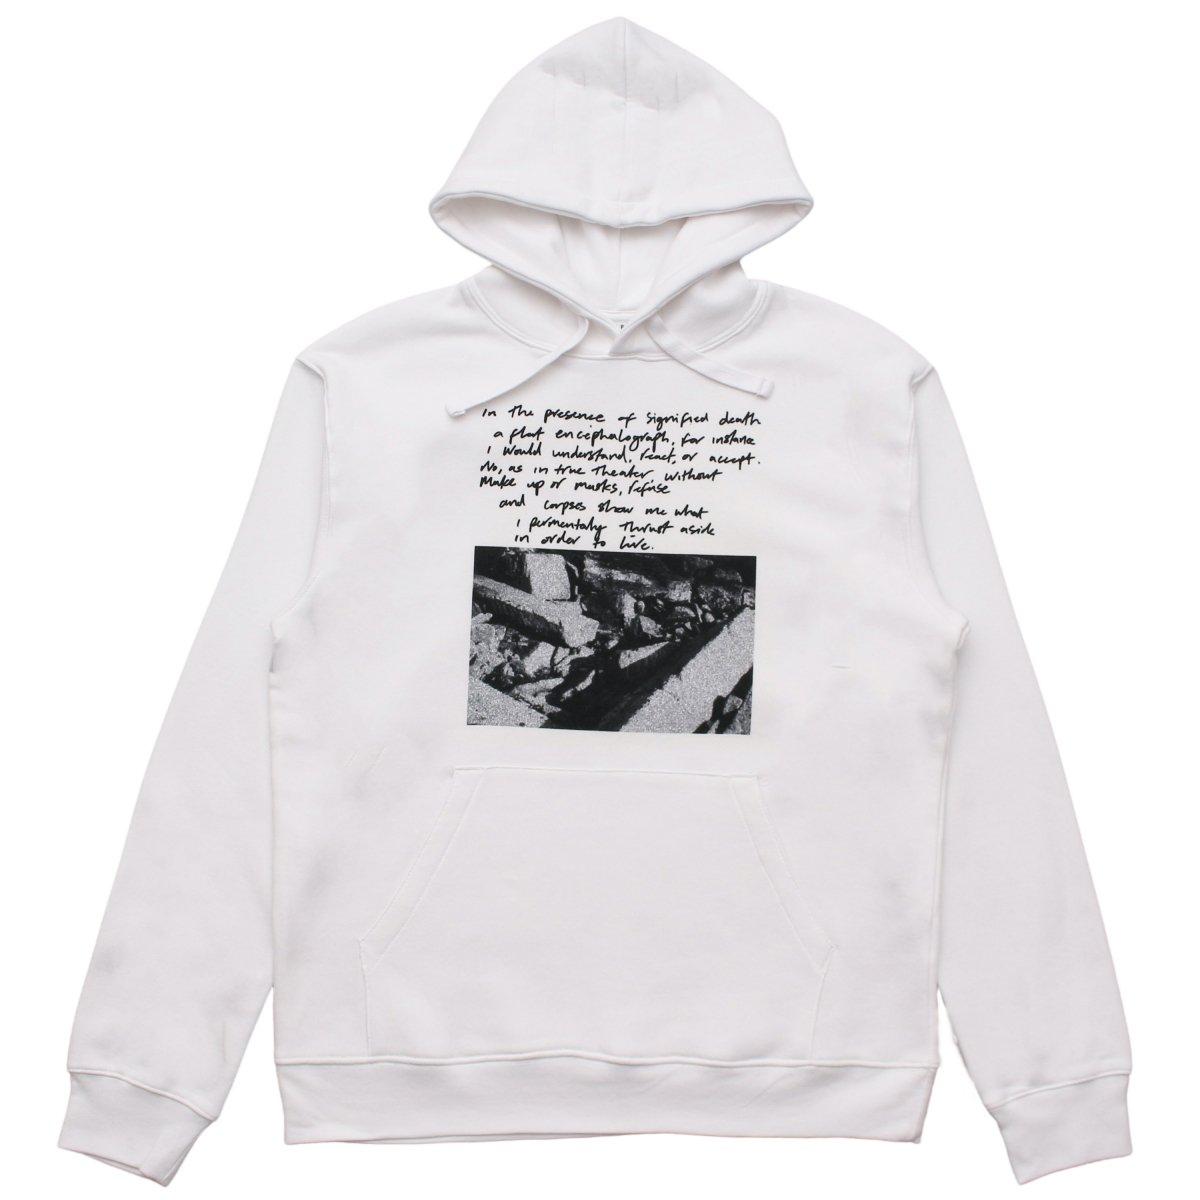 Horror hoodie